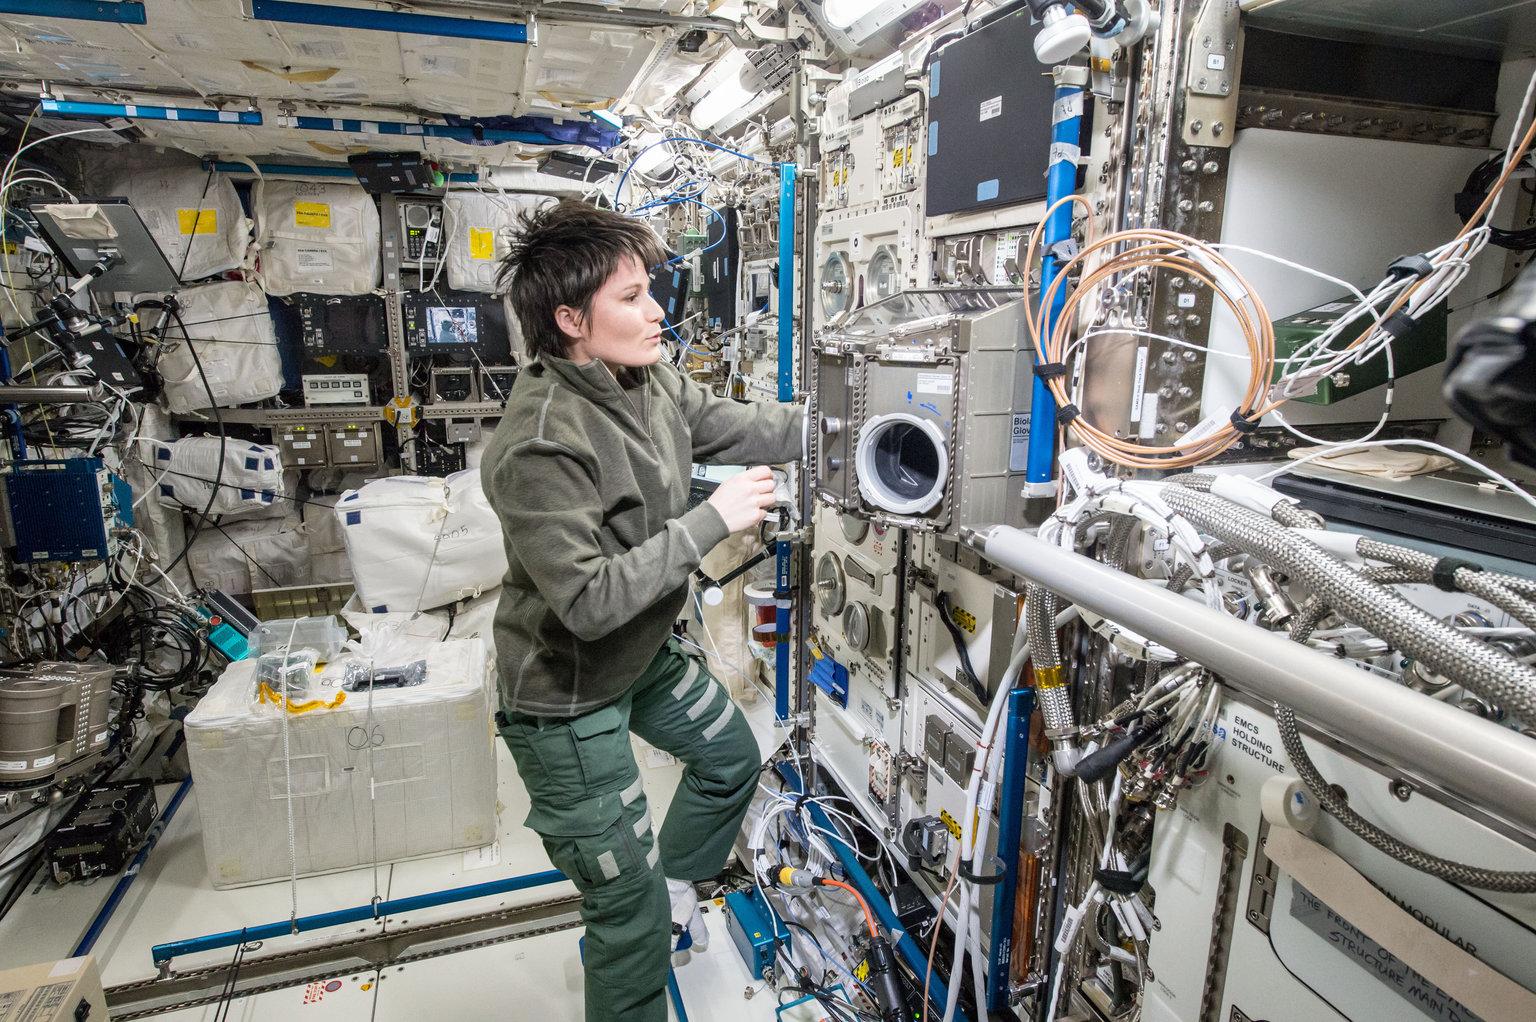 Esplorare la Stazione Spaziale Internazionale a 360°